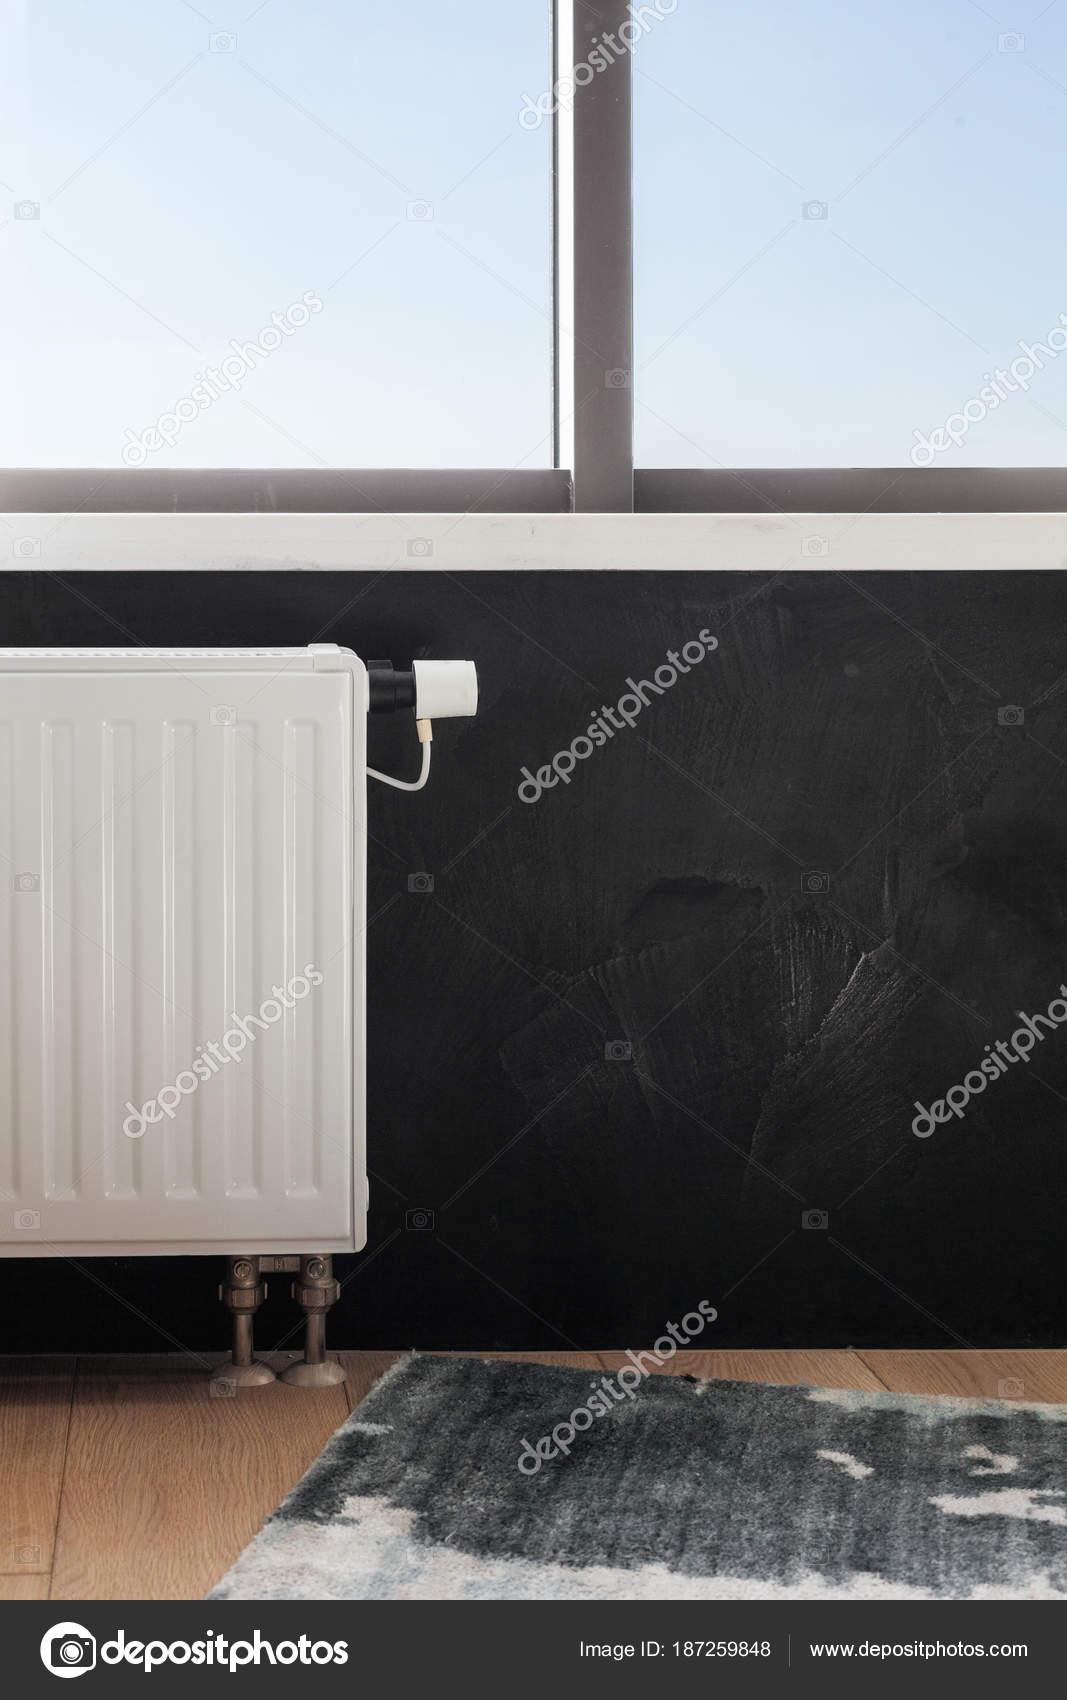 Full Size of Heating White Radiator With Adjuster Of Warming In Living Room Bilder Fürs Wohnzimmer Großes Bild Komplett Relaxliege Landhausstil Rollo Hängelampe Wohnzimmer Heizkörper Wohnzimmer Flach